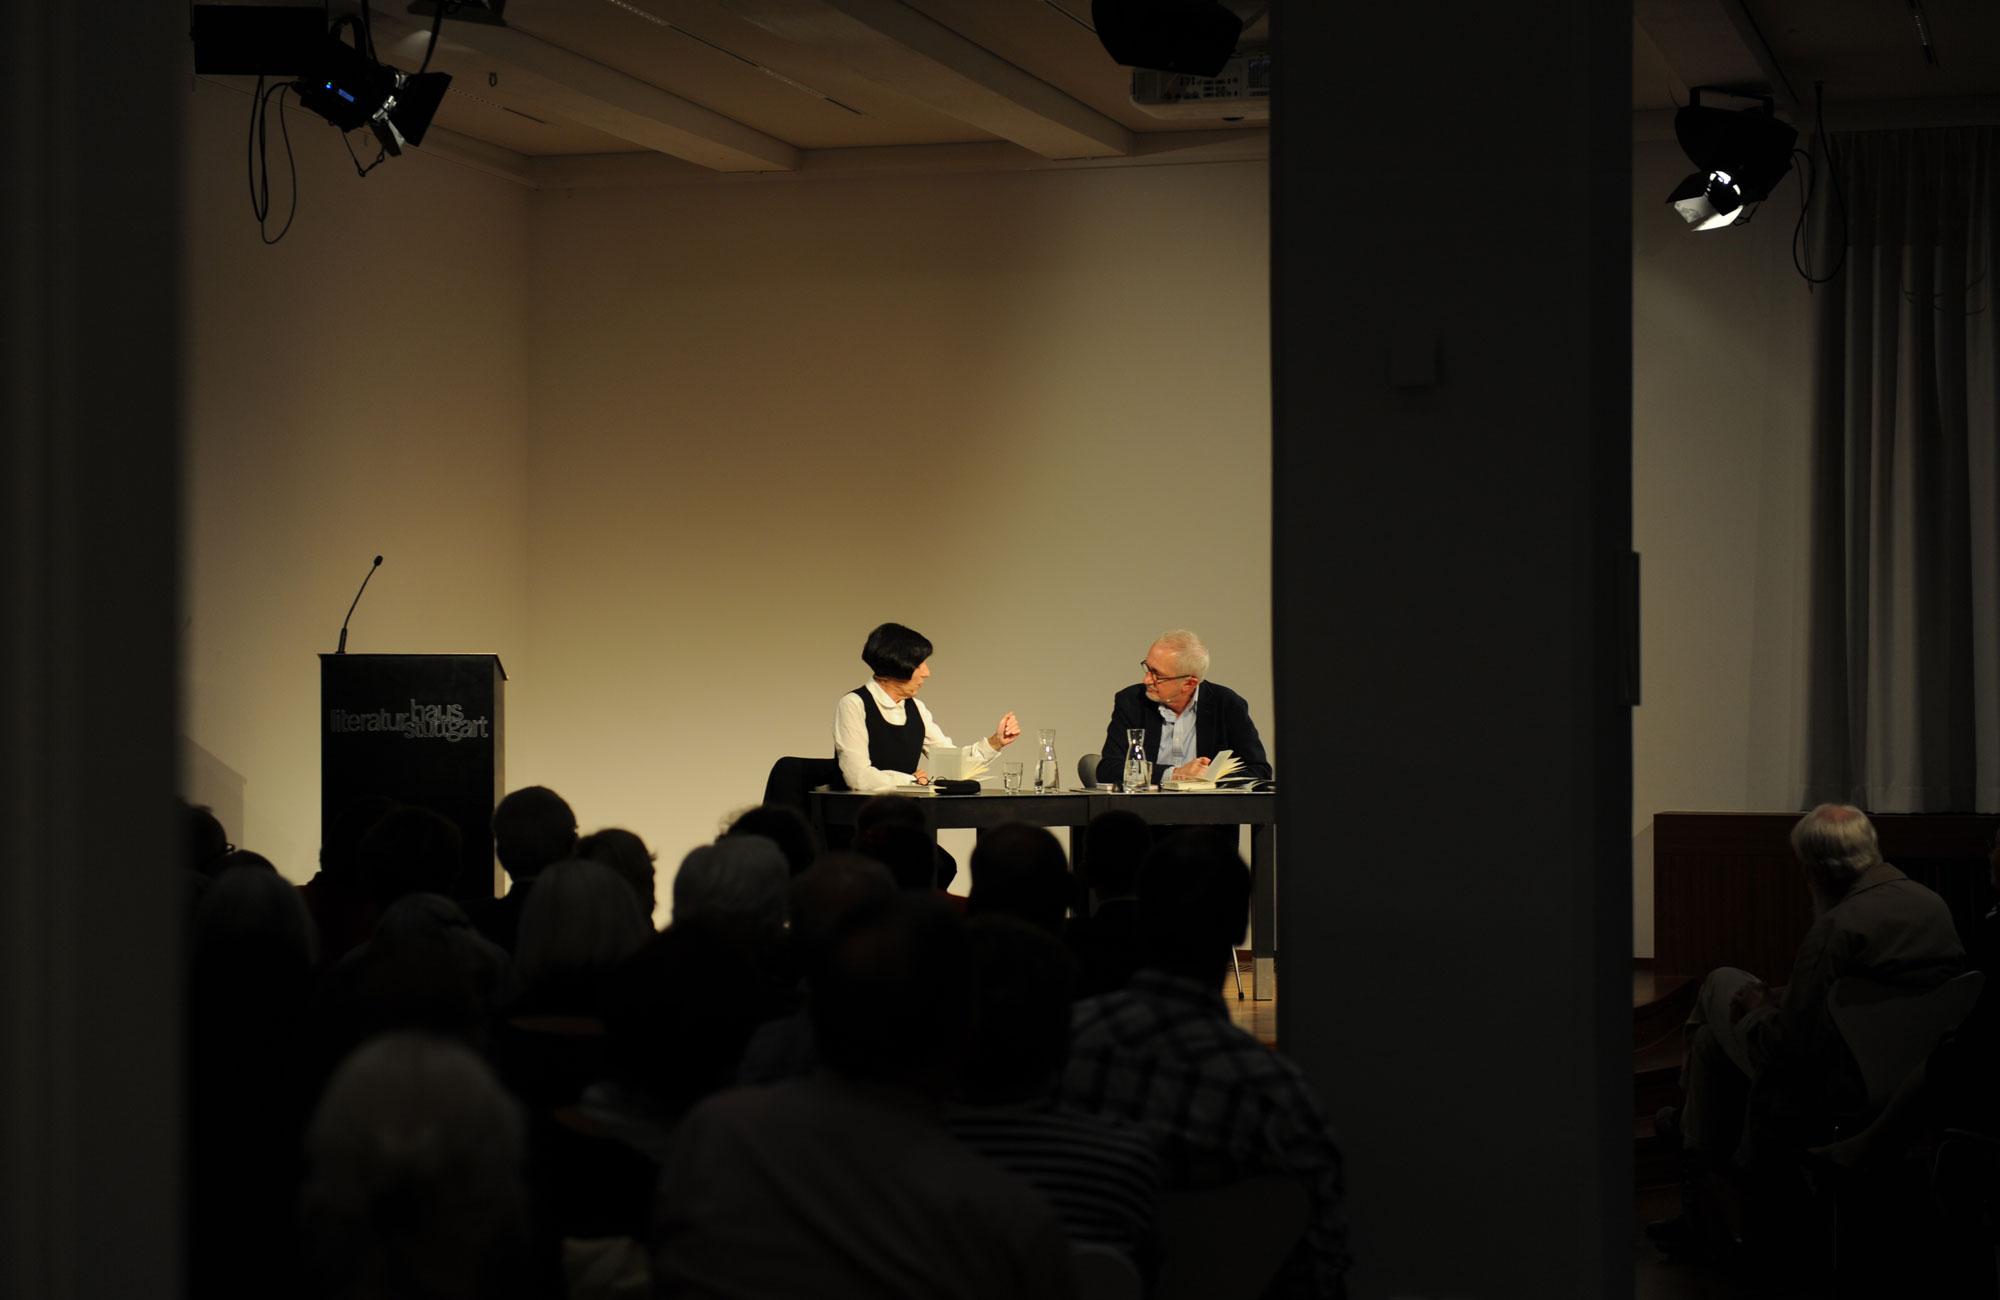 Herta Müller: Im Heimweh ist ein blauer Saal <br/>(c) Kristina Popov